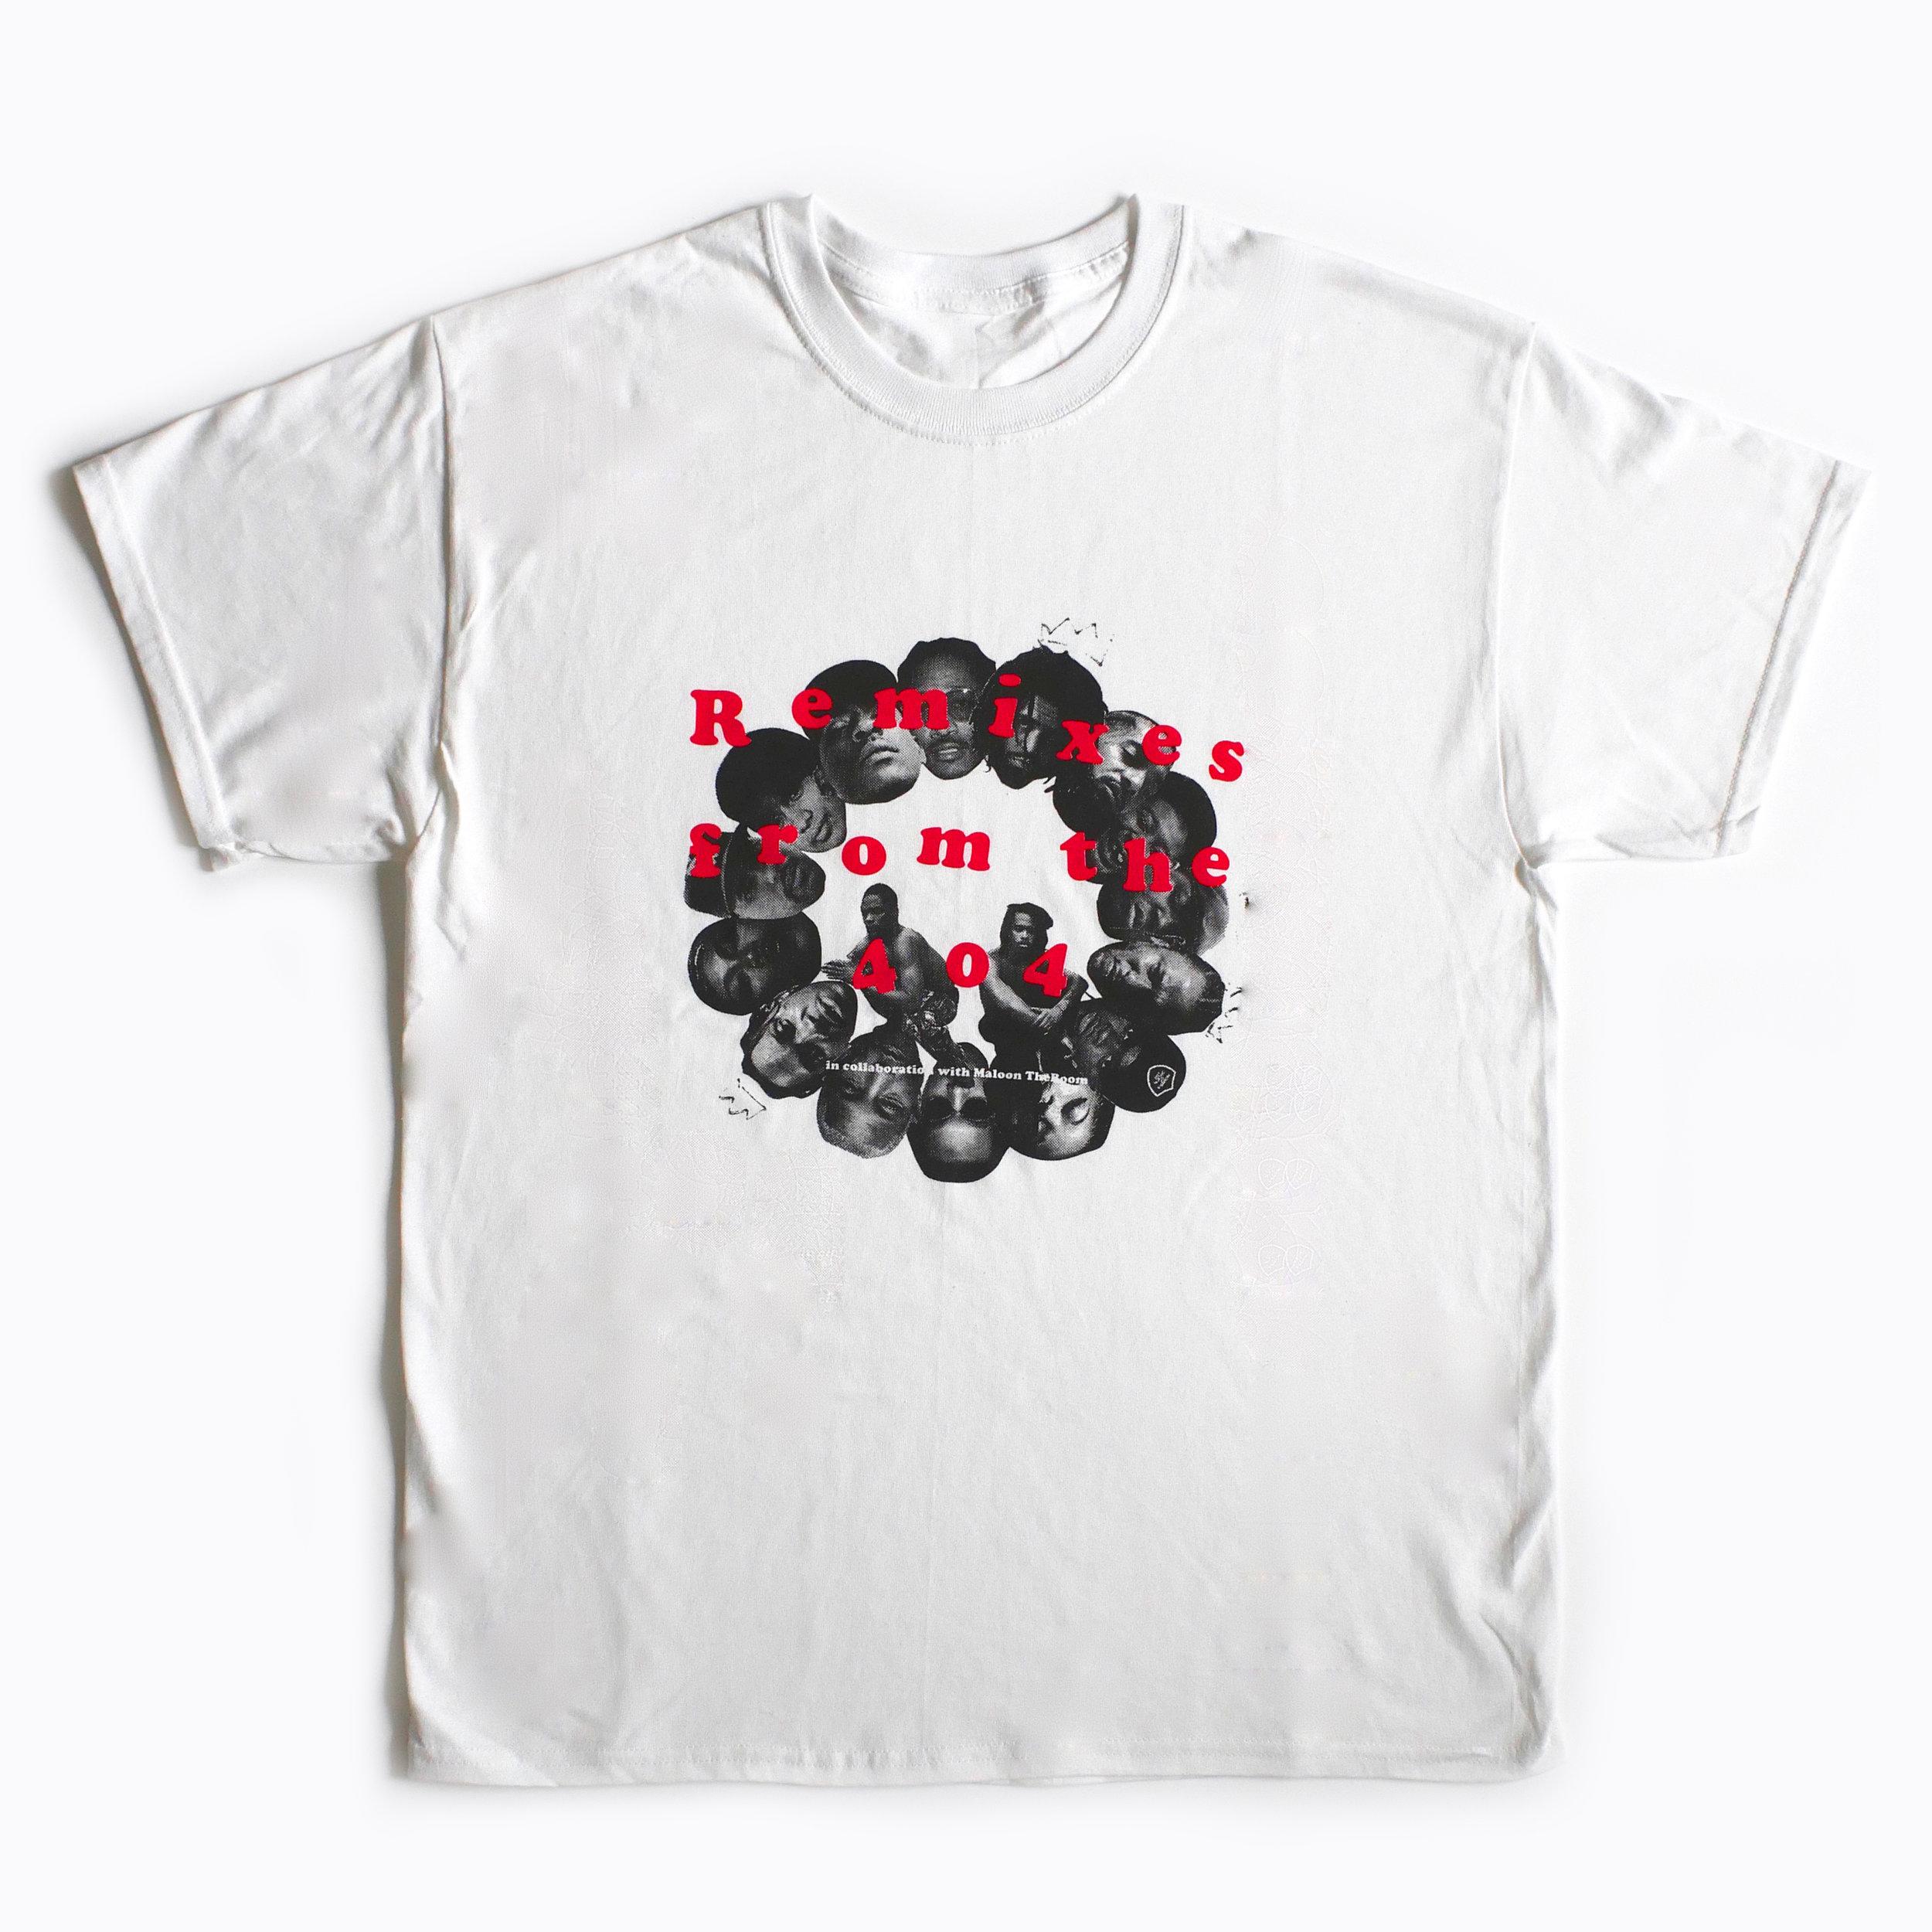 BYC_Shirt404_A.jpg